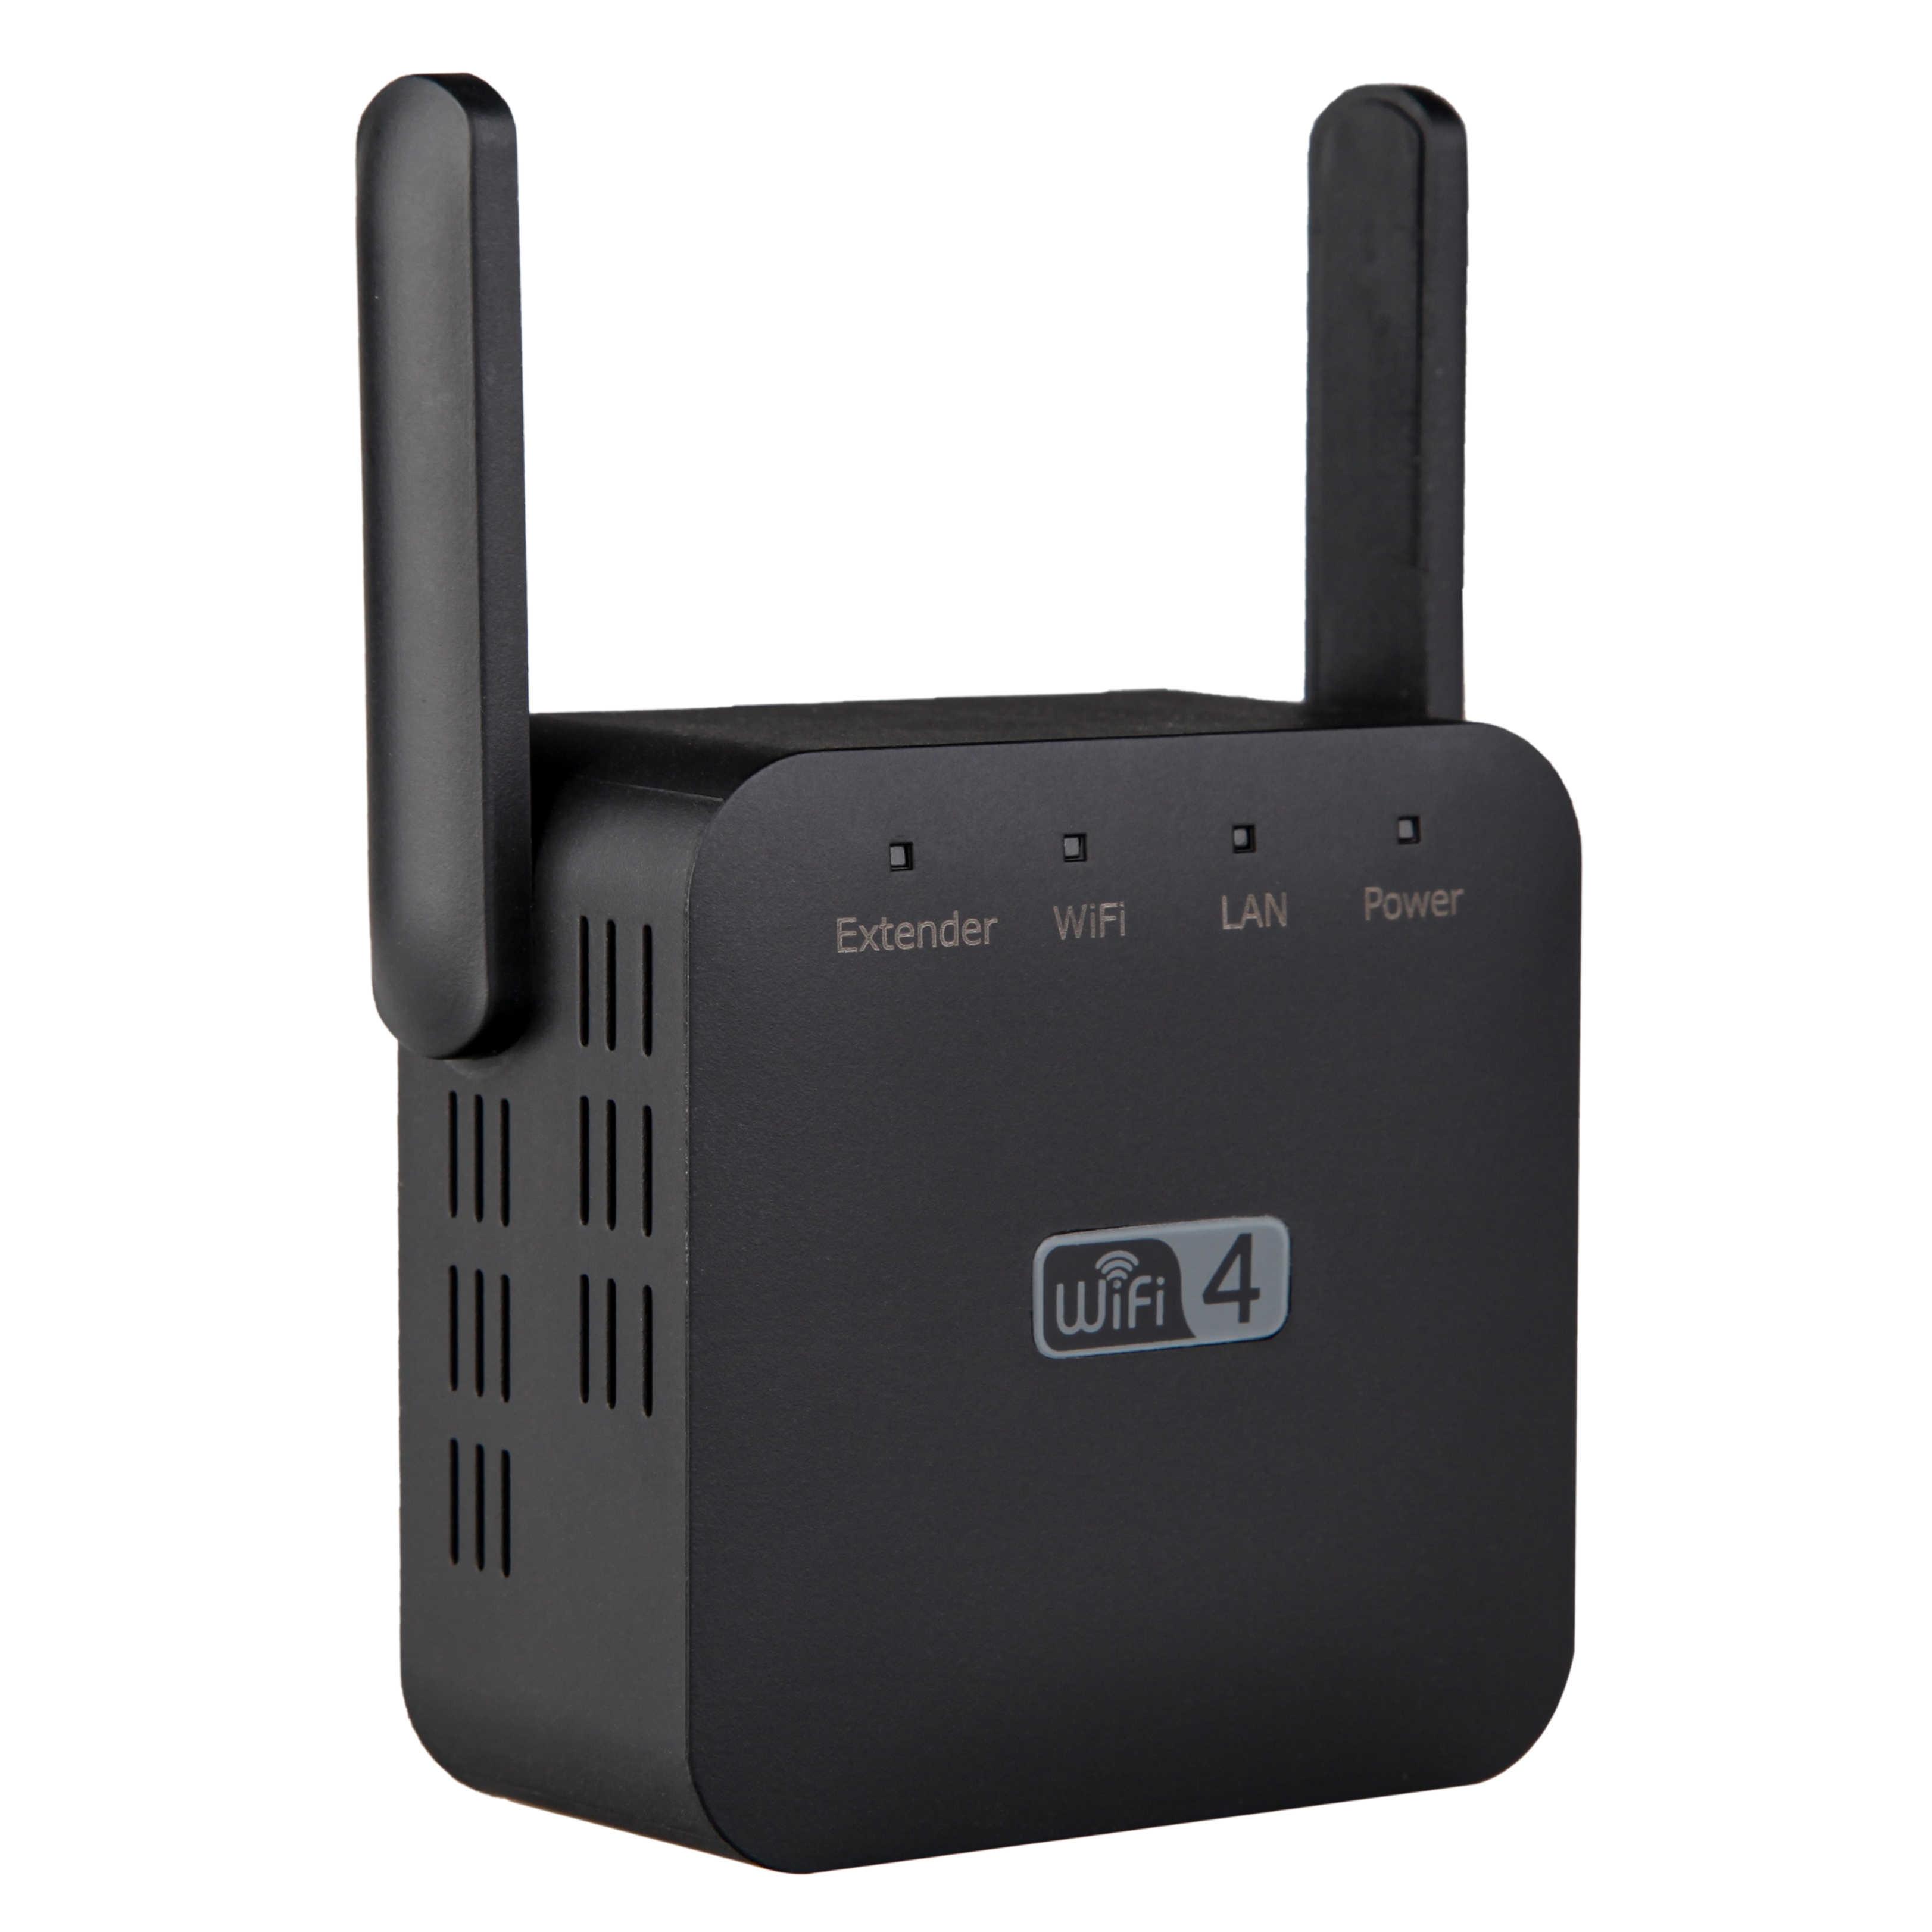 Cioswi WD-R701U عالية السرعة 300Mbps واي فاي صغير مكرر لاسلكي موزع إنترنت واي فاي موسع واي فاي 802.11N/B/G نقطة الوصول معزز Wi-Fi